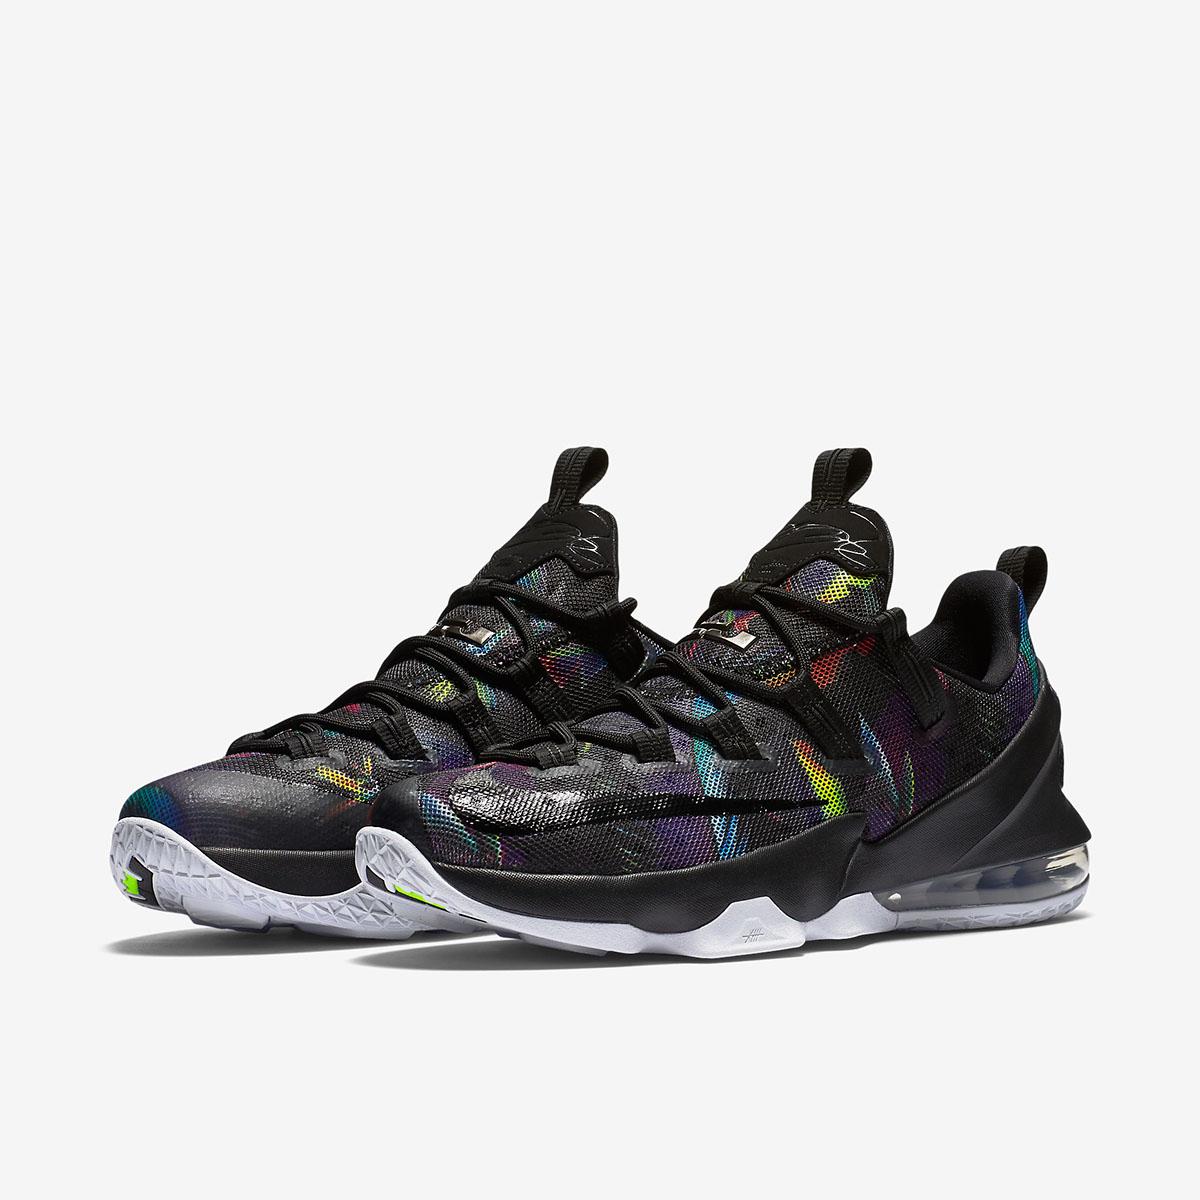 Nike: Shoes of Paradise